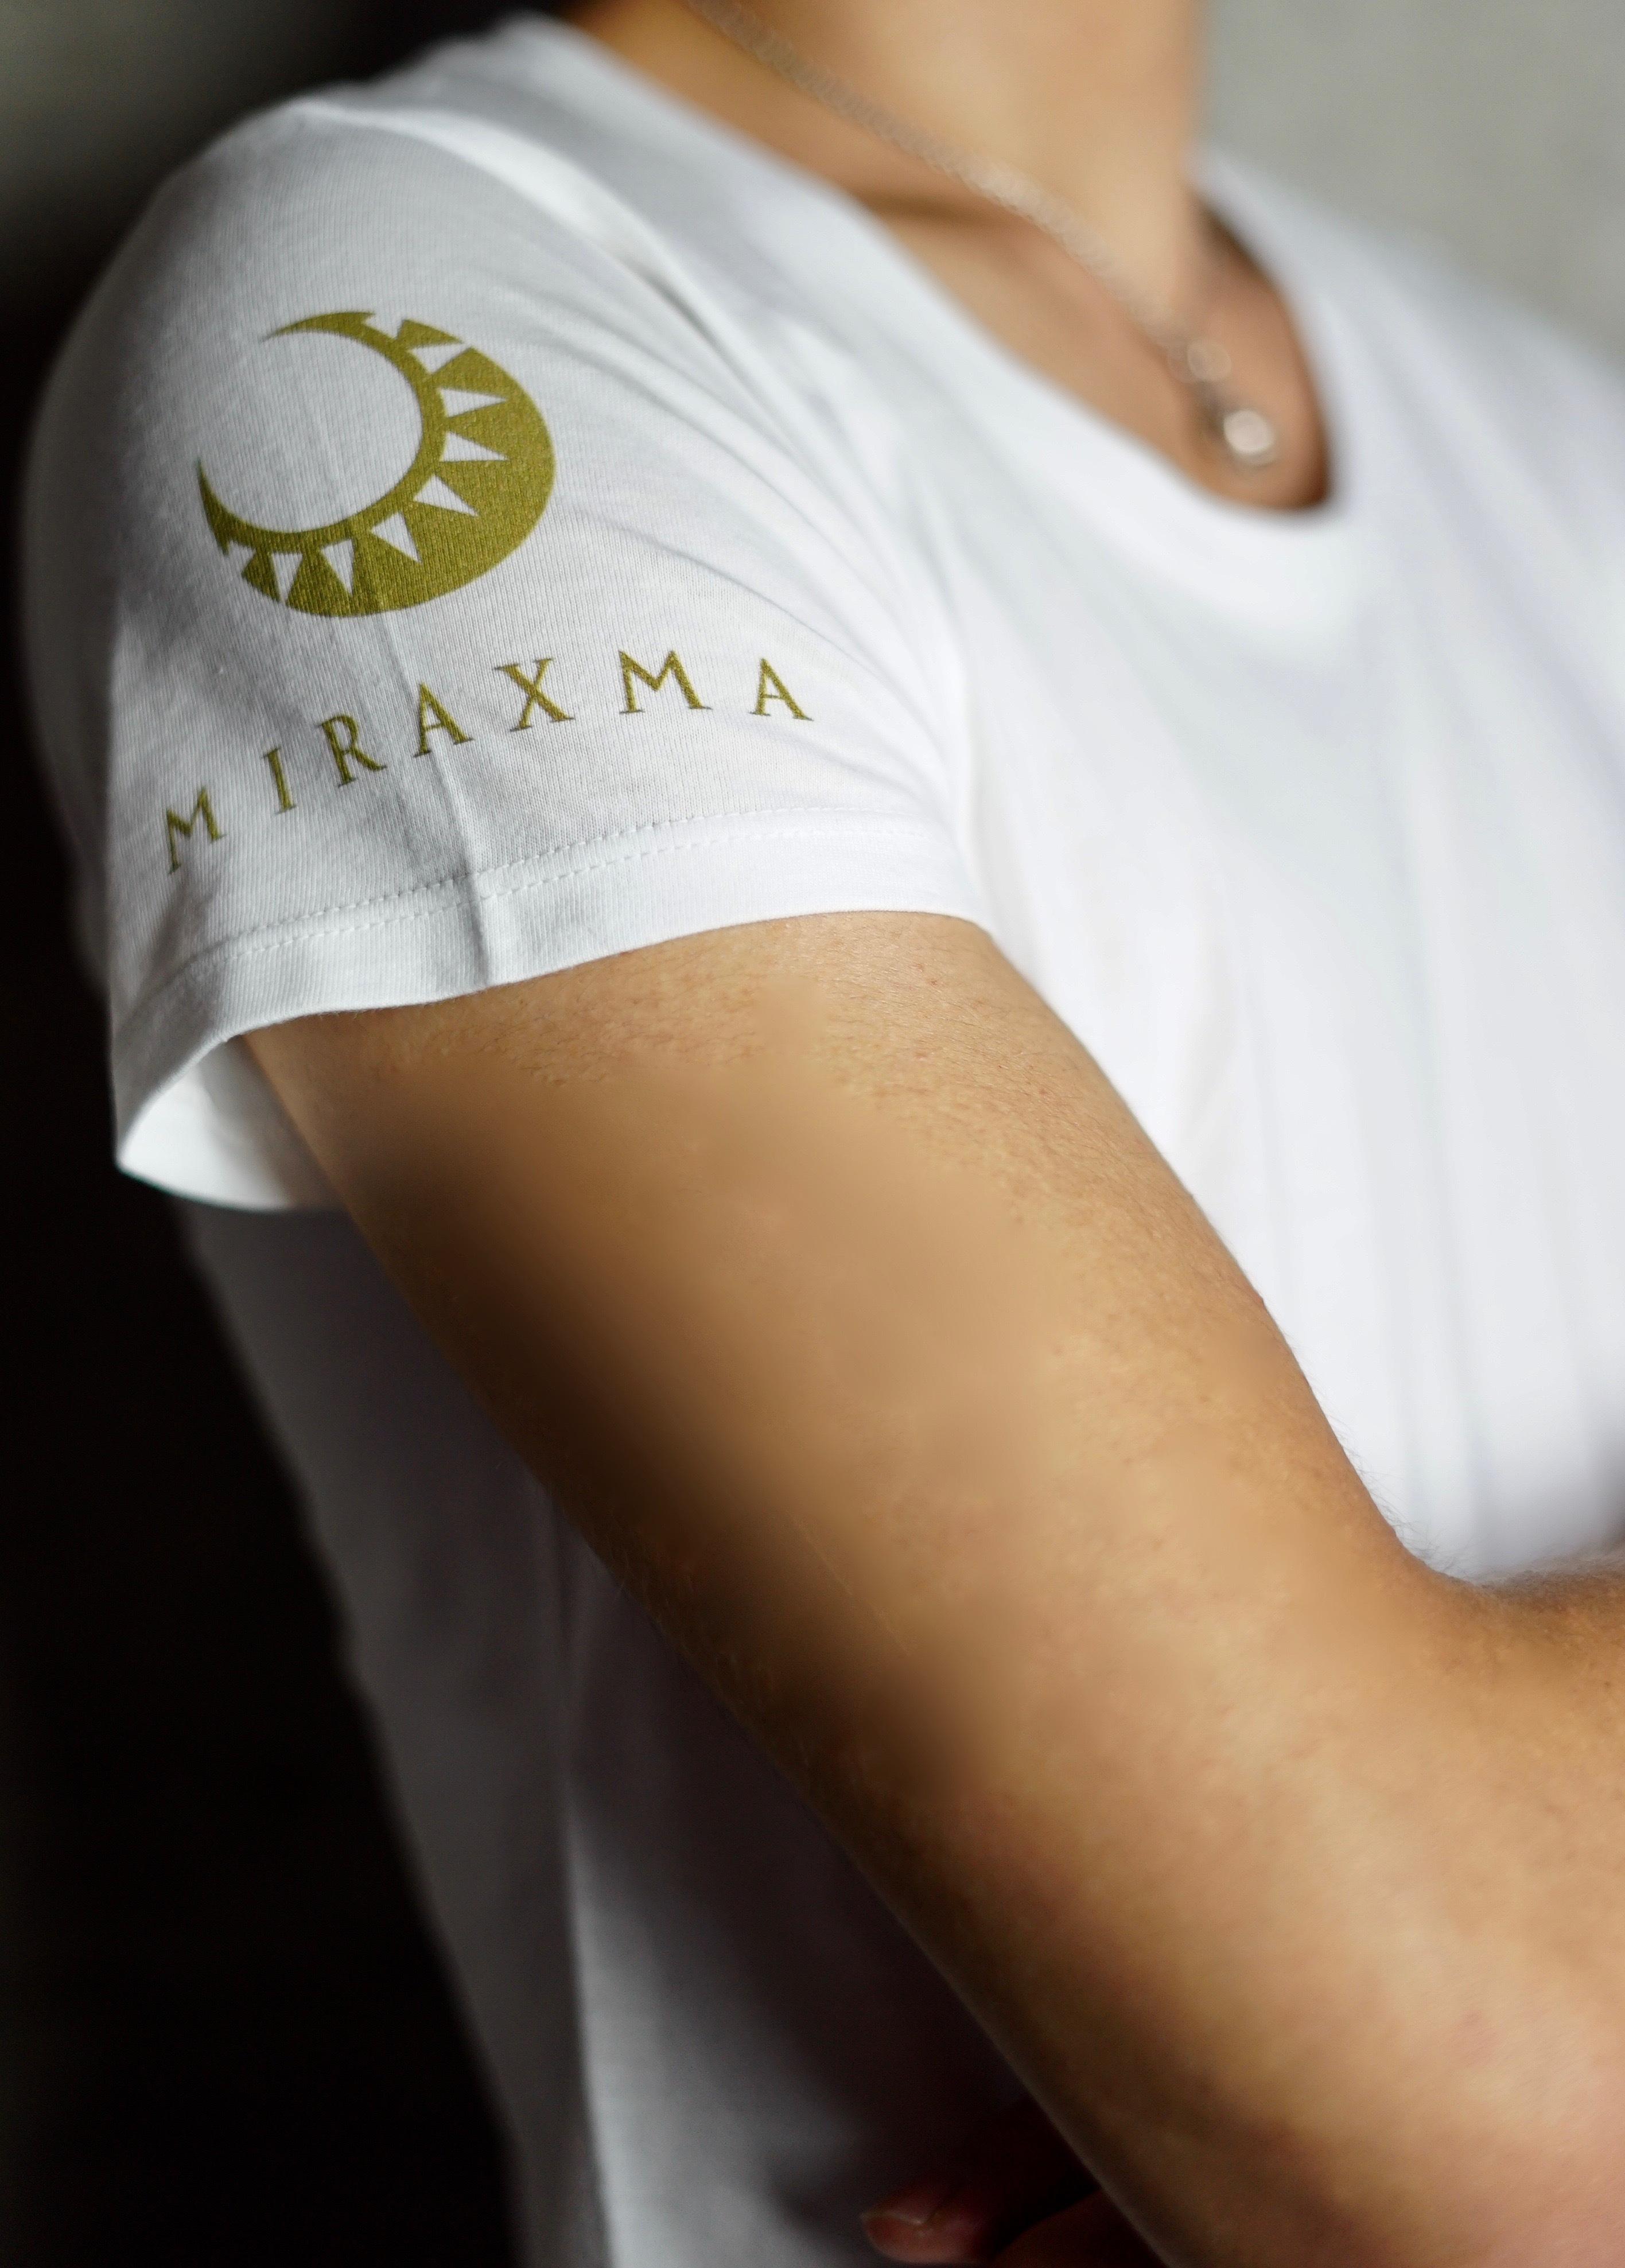 【限定モデル】半袖/ホワイト/右肩ゴールド | MIRAXMA-ミライイマ-